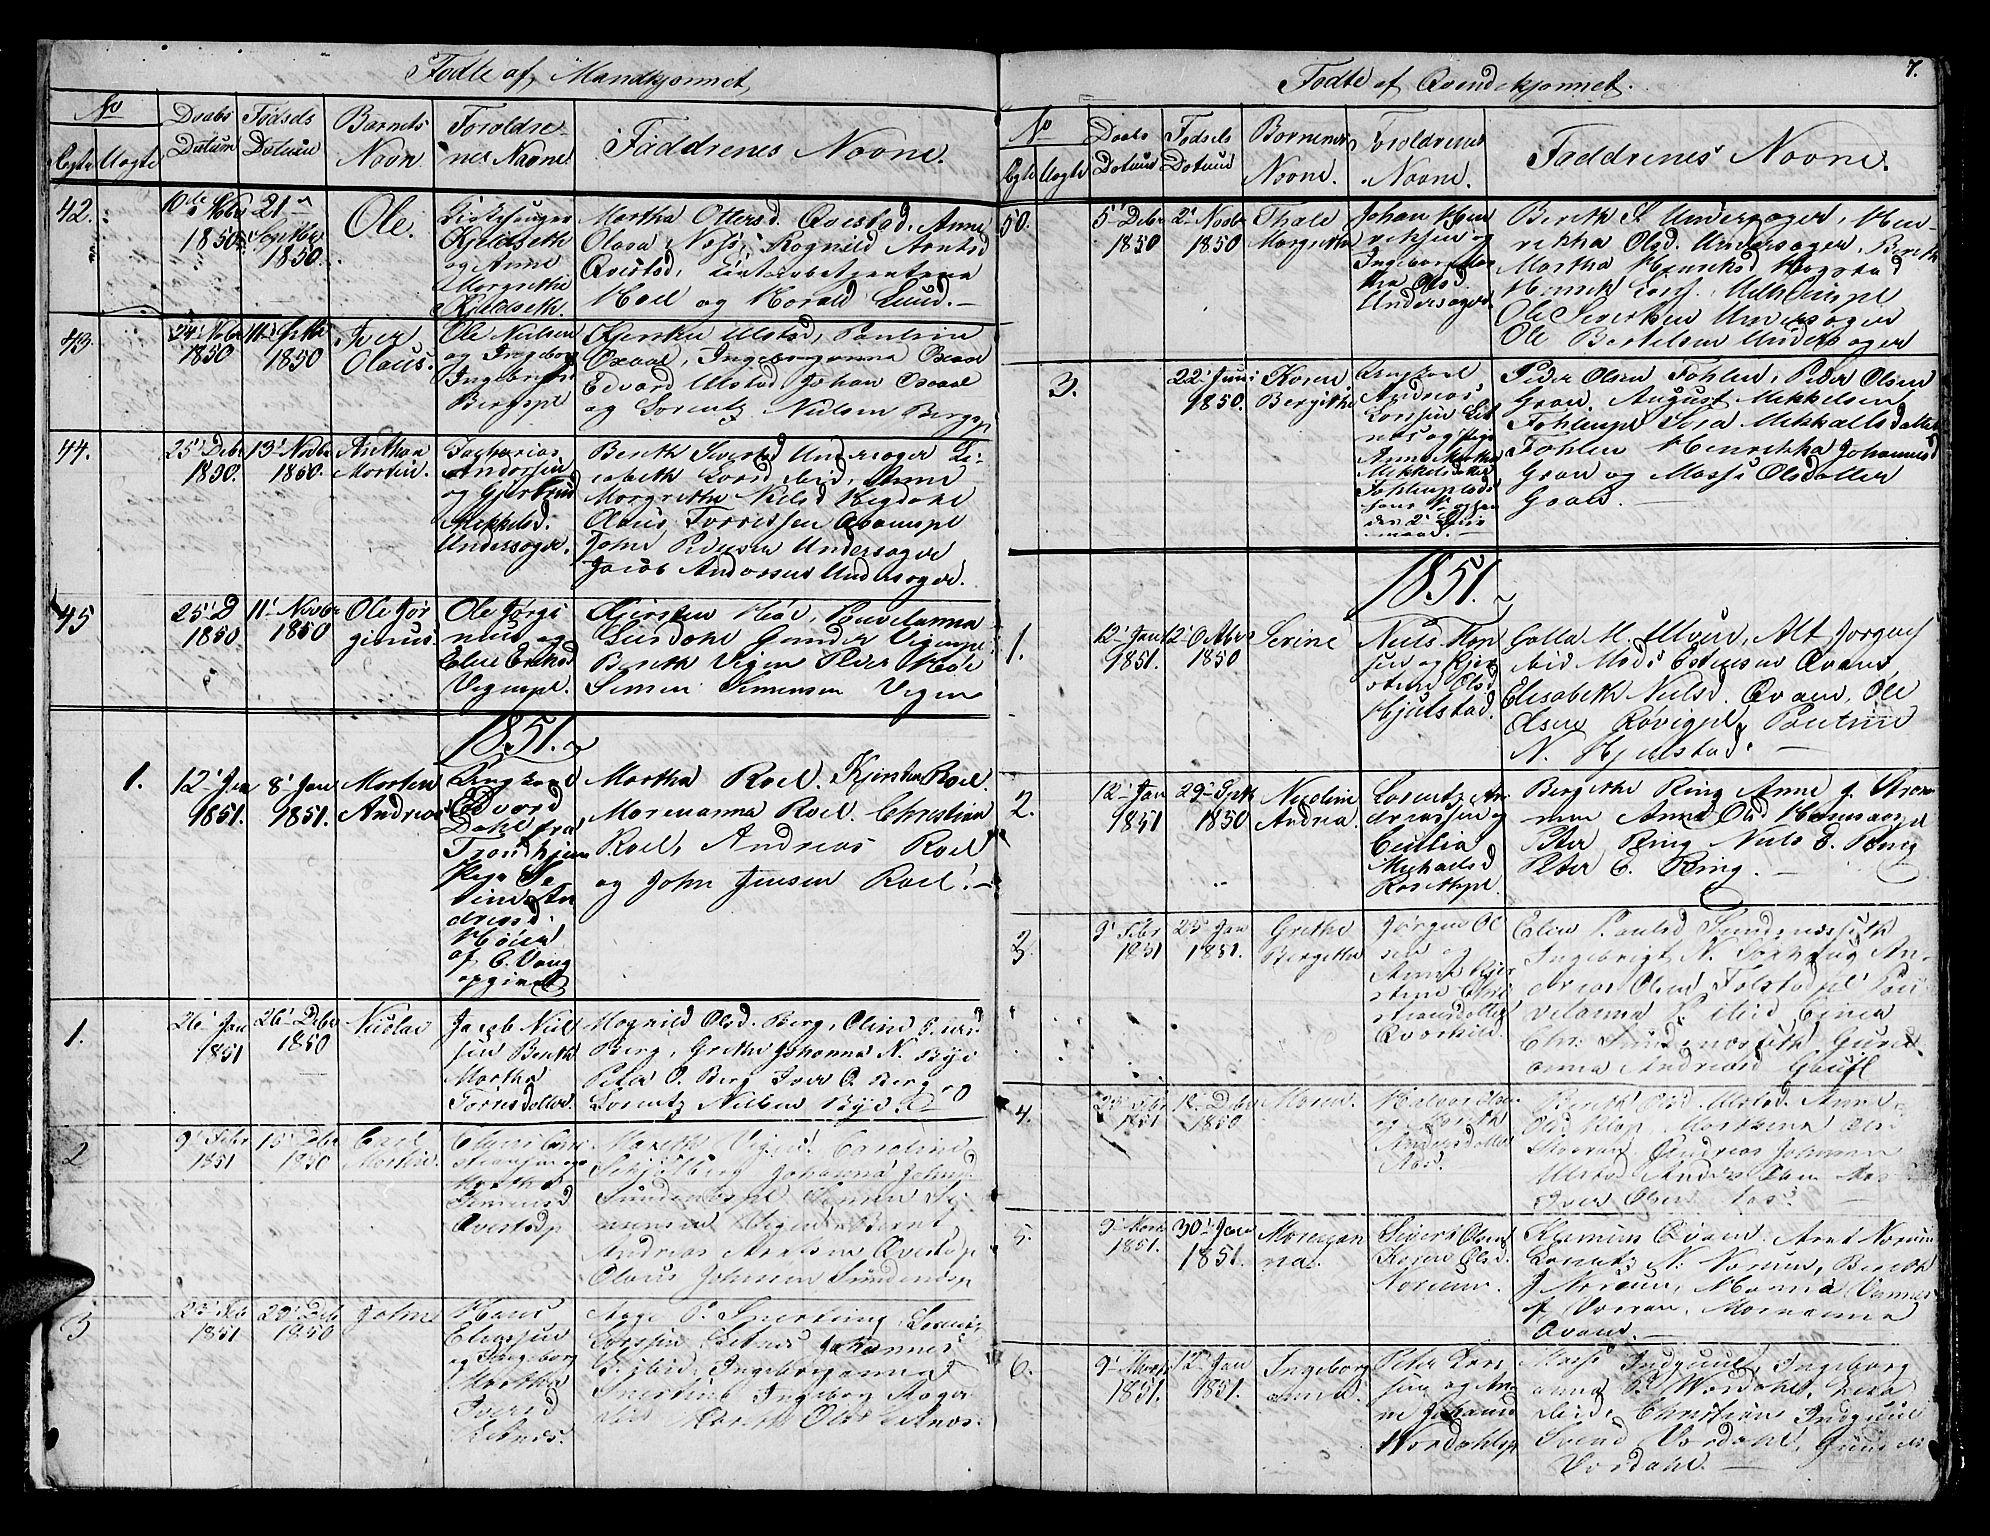 SAT, Ministerialprotokoller, klokkerbøker og fødselsregistre - Nord-Trøndelag, 730/L0299: Klokkerbok nr. 730C02, 1849-1871, s. 7